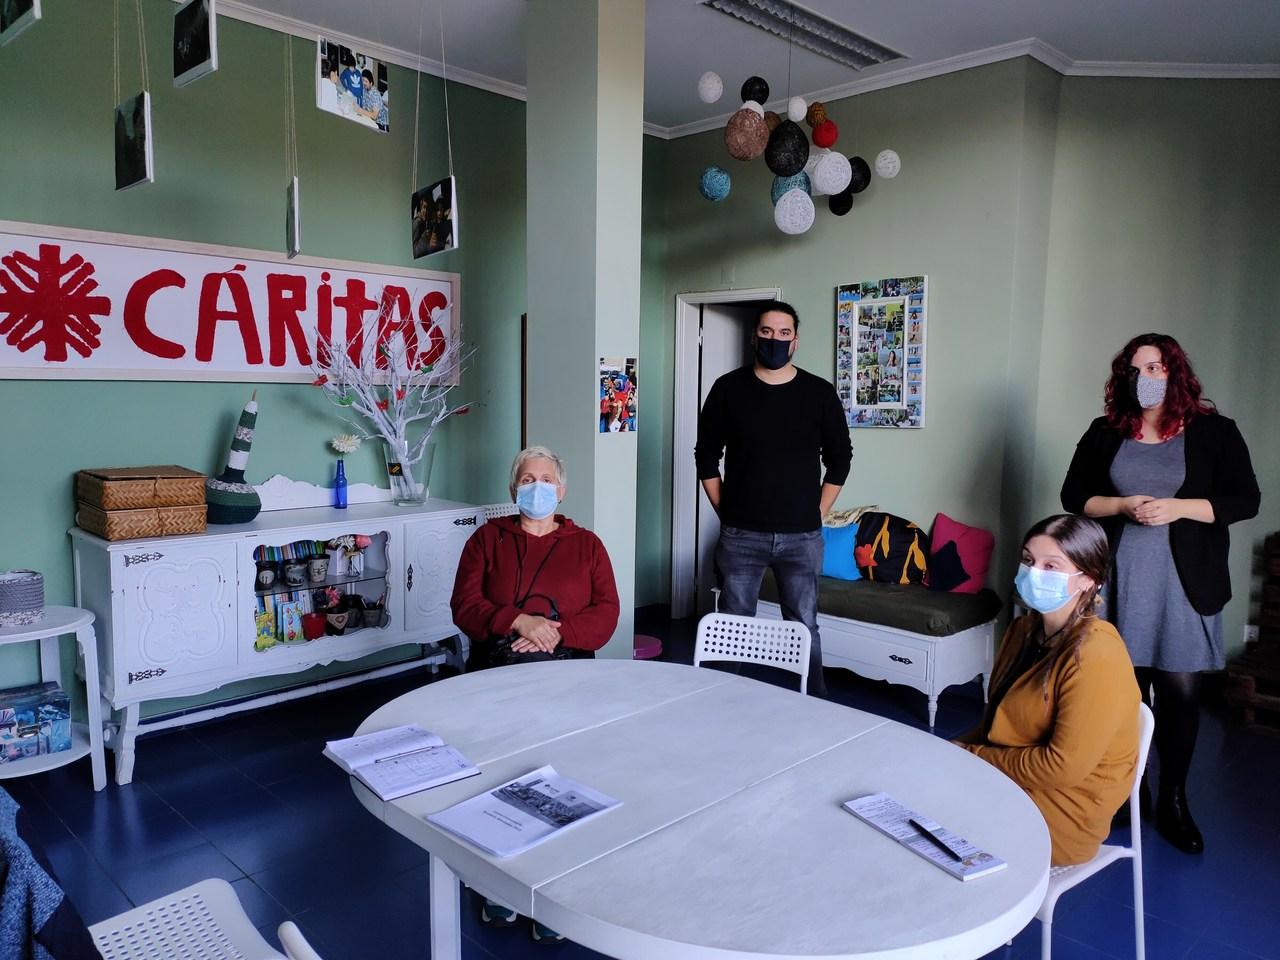 Bloco Viseu reuniu com Cáritas para perceber as dificuldades de cariz social na atual pandemia